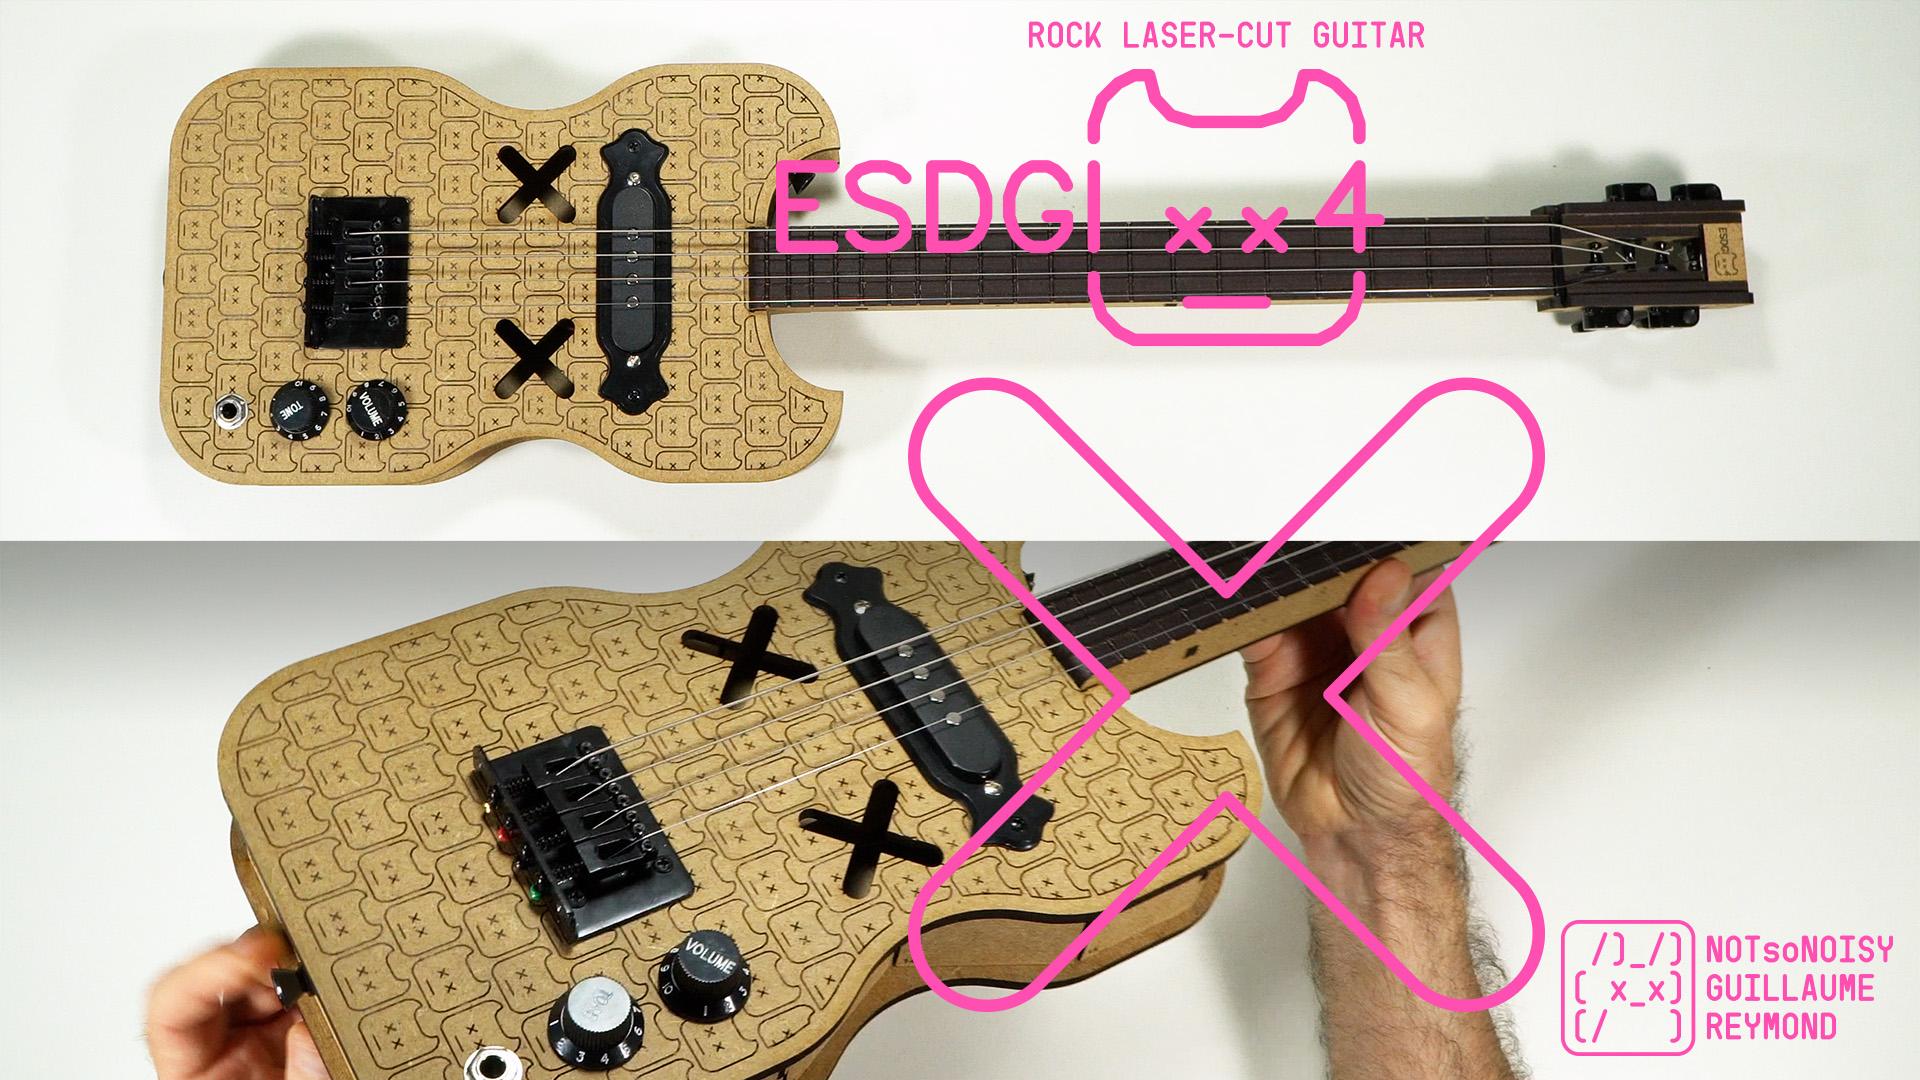 ESDGI4 laser cut guitar ukulele